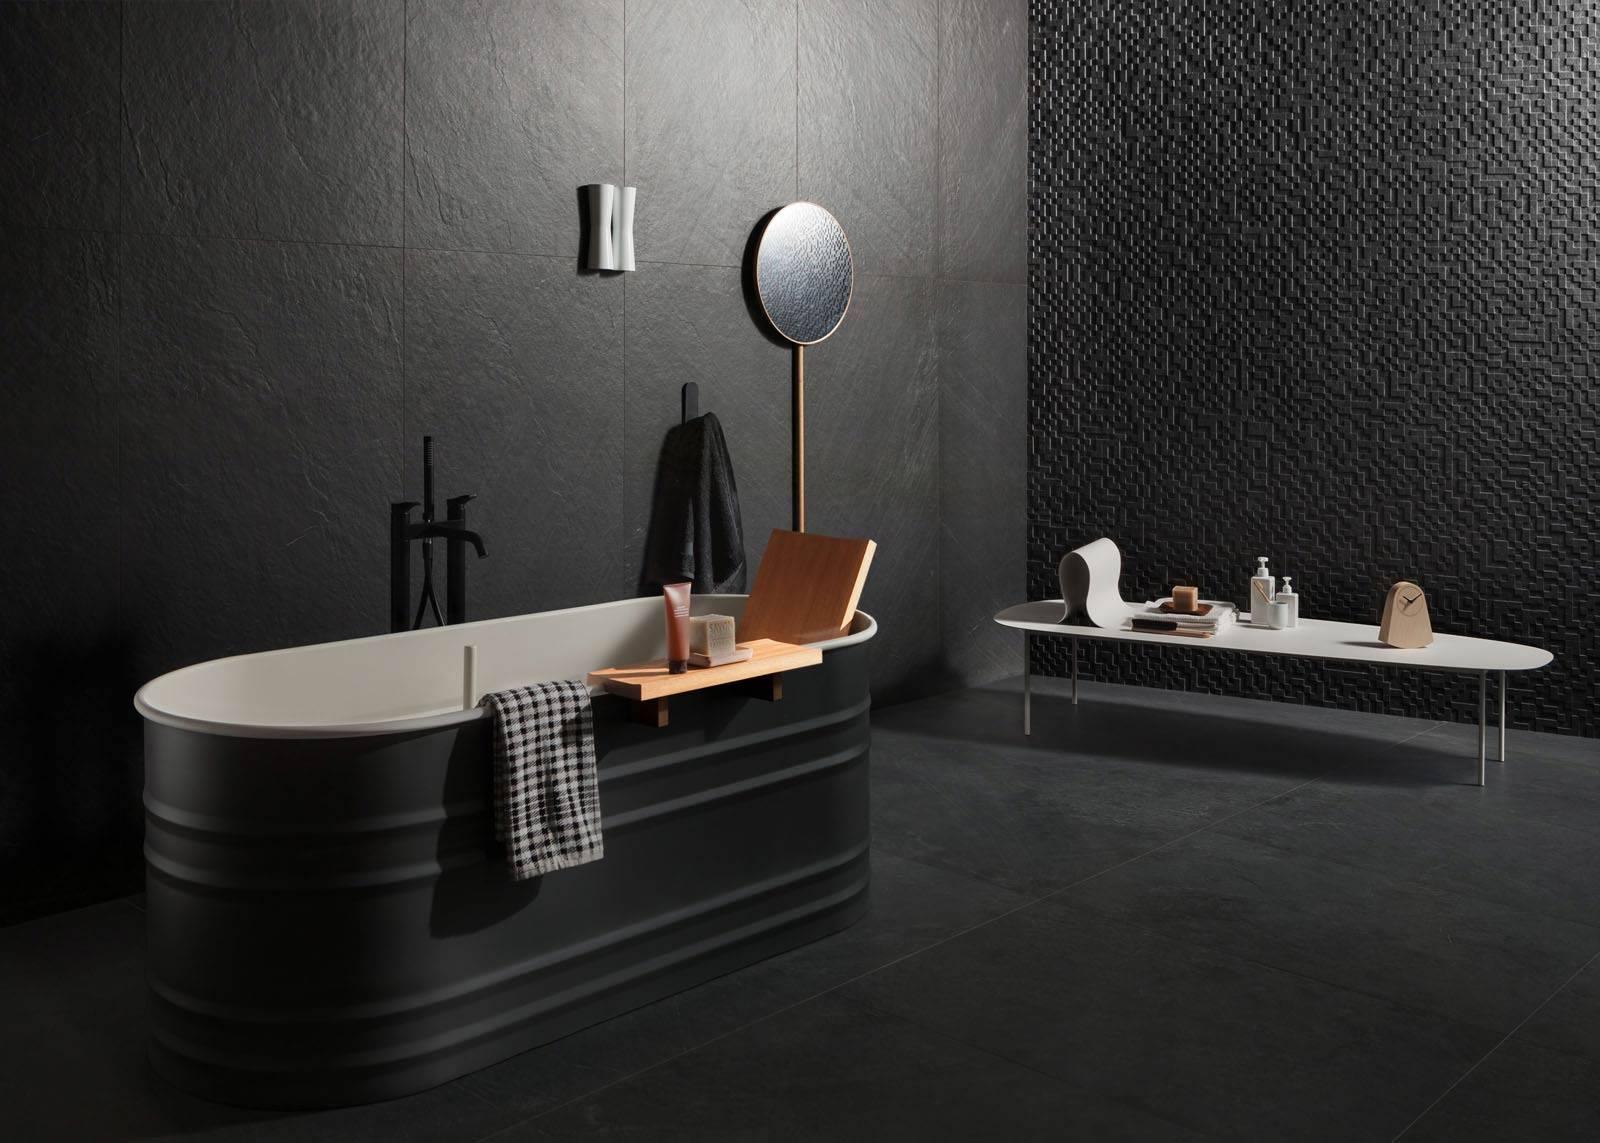 بالصور سيراميك حمامات 2019 , احدث تصميمات لسيراميك الحمامات 2618 8